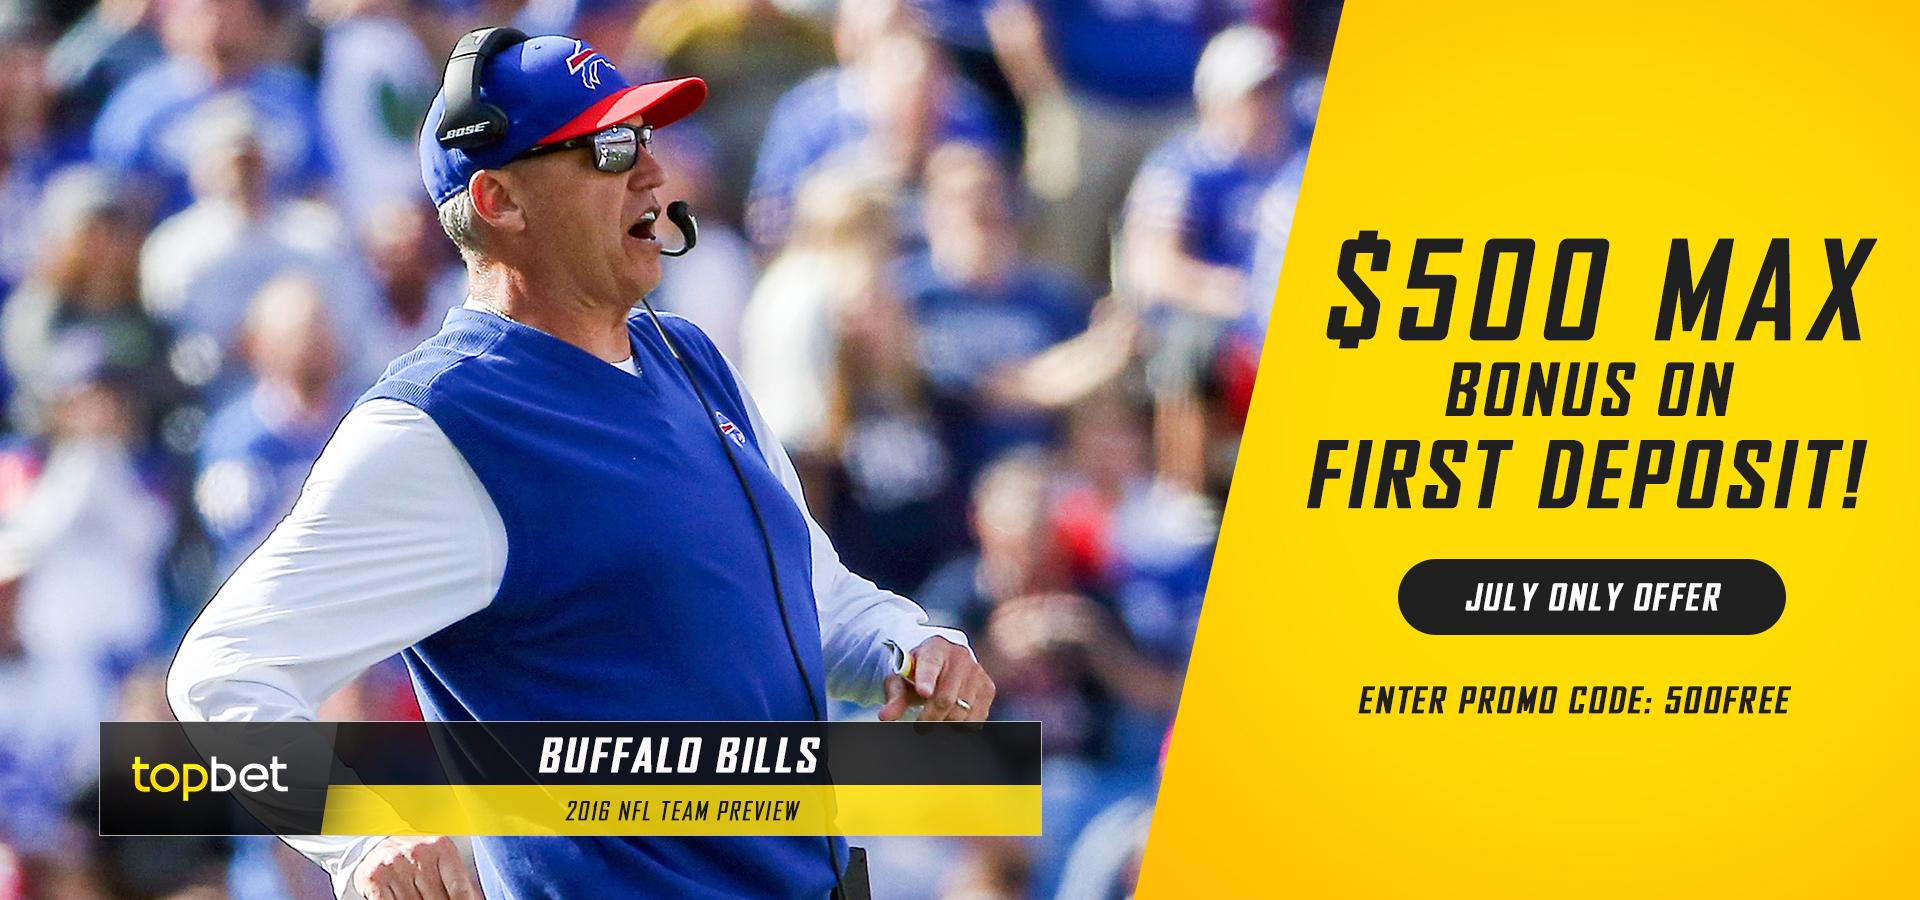 buffalo bills casino entertainment boxing seattle